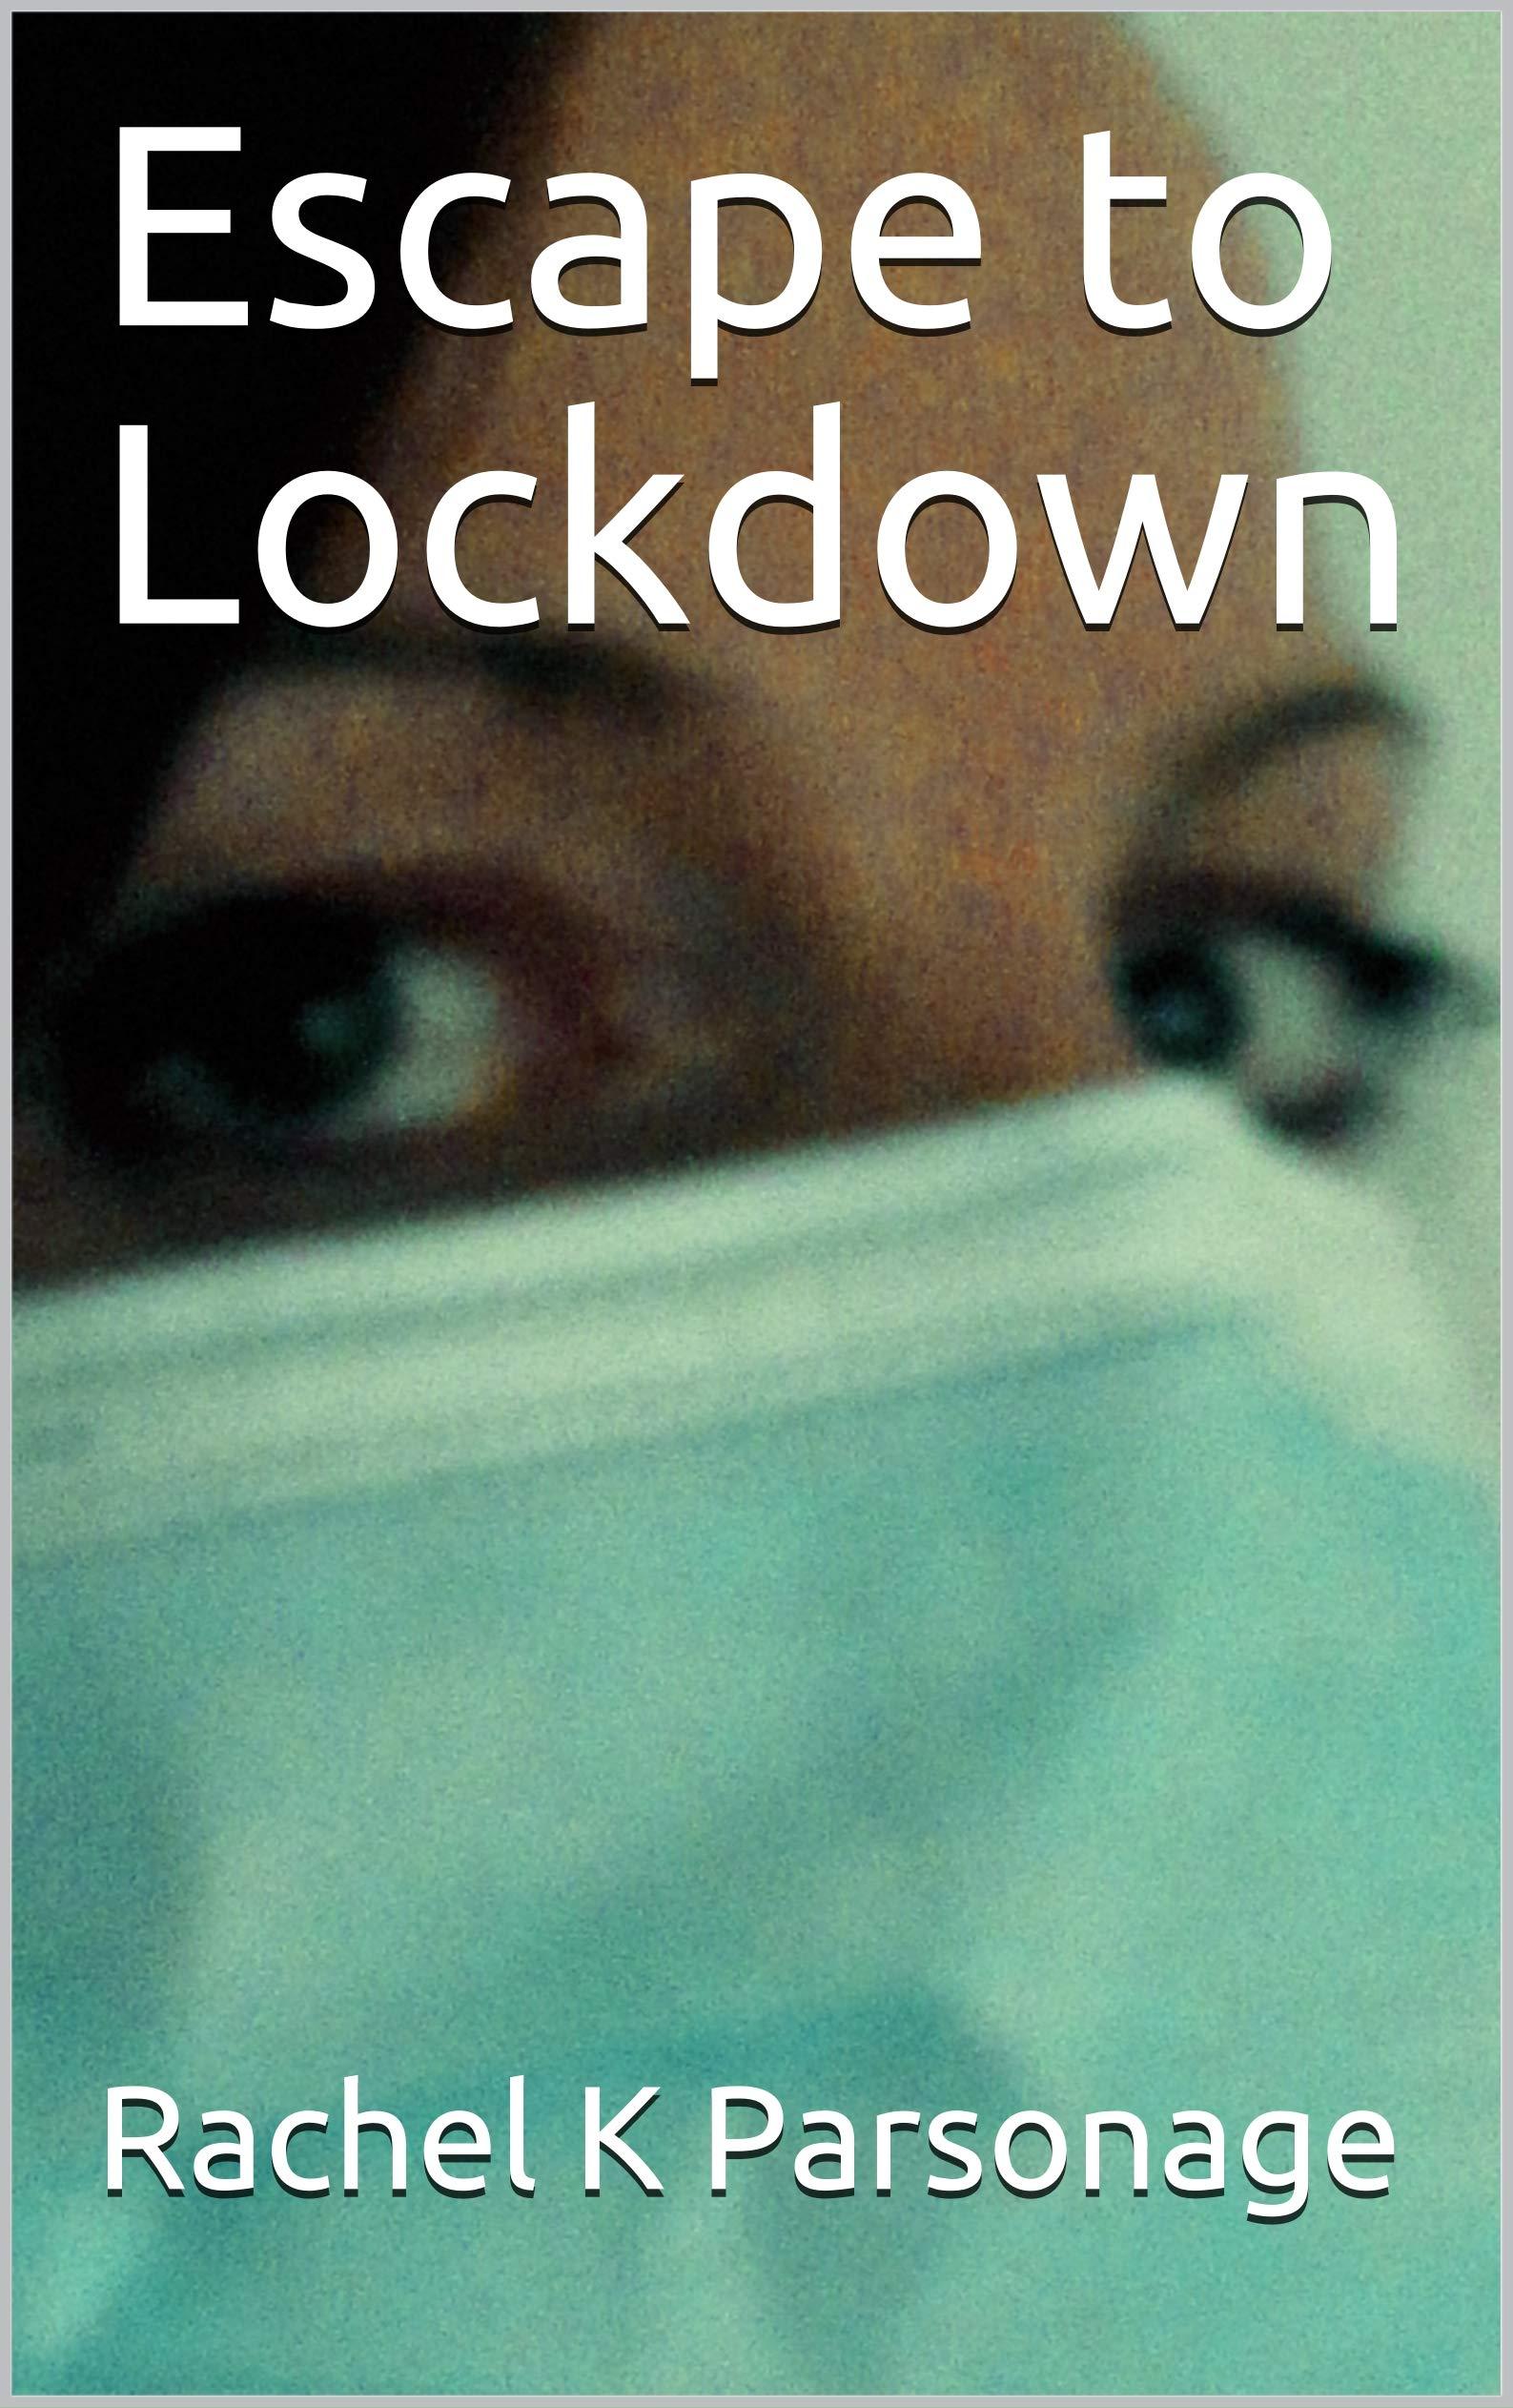 Escape to Lockdown